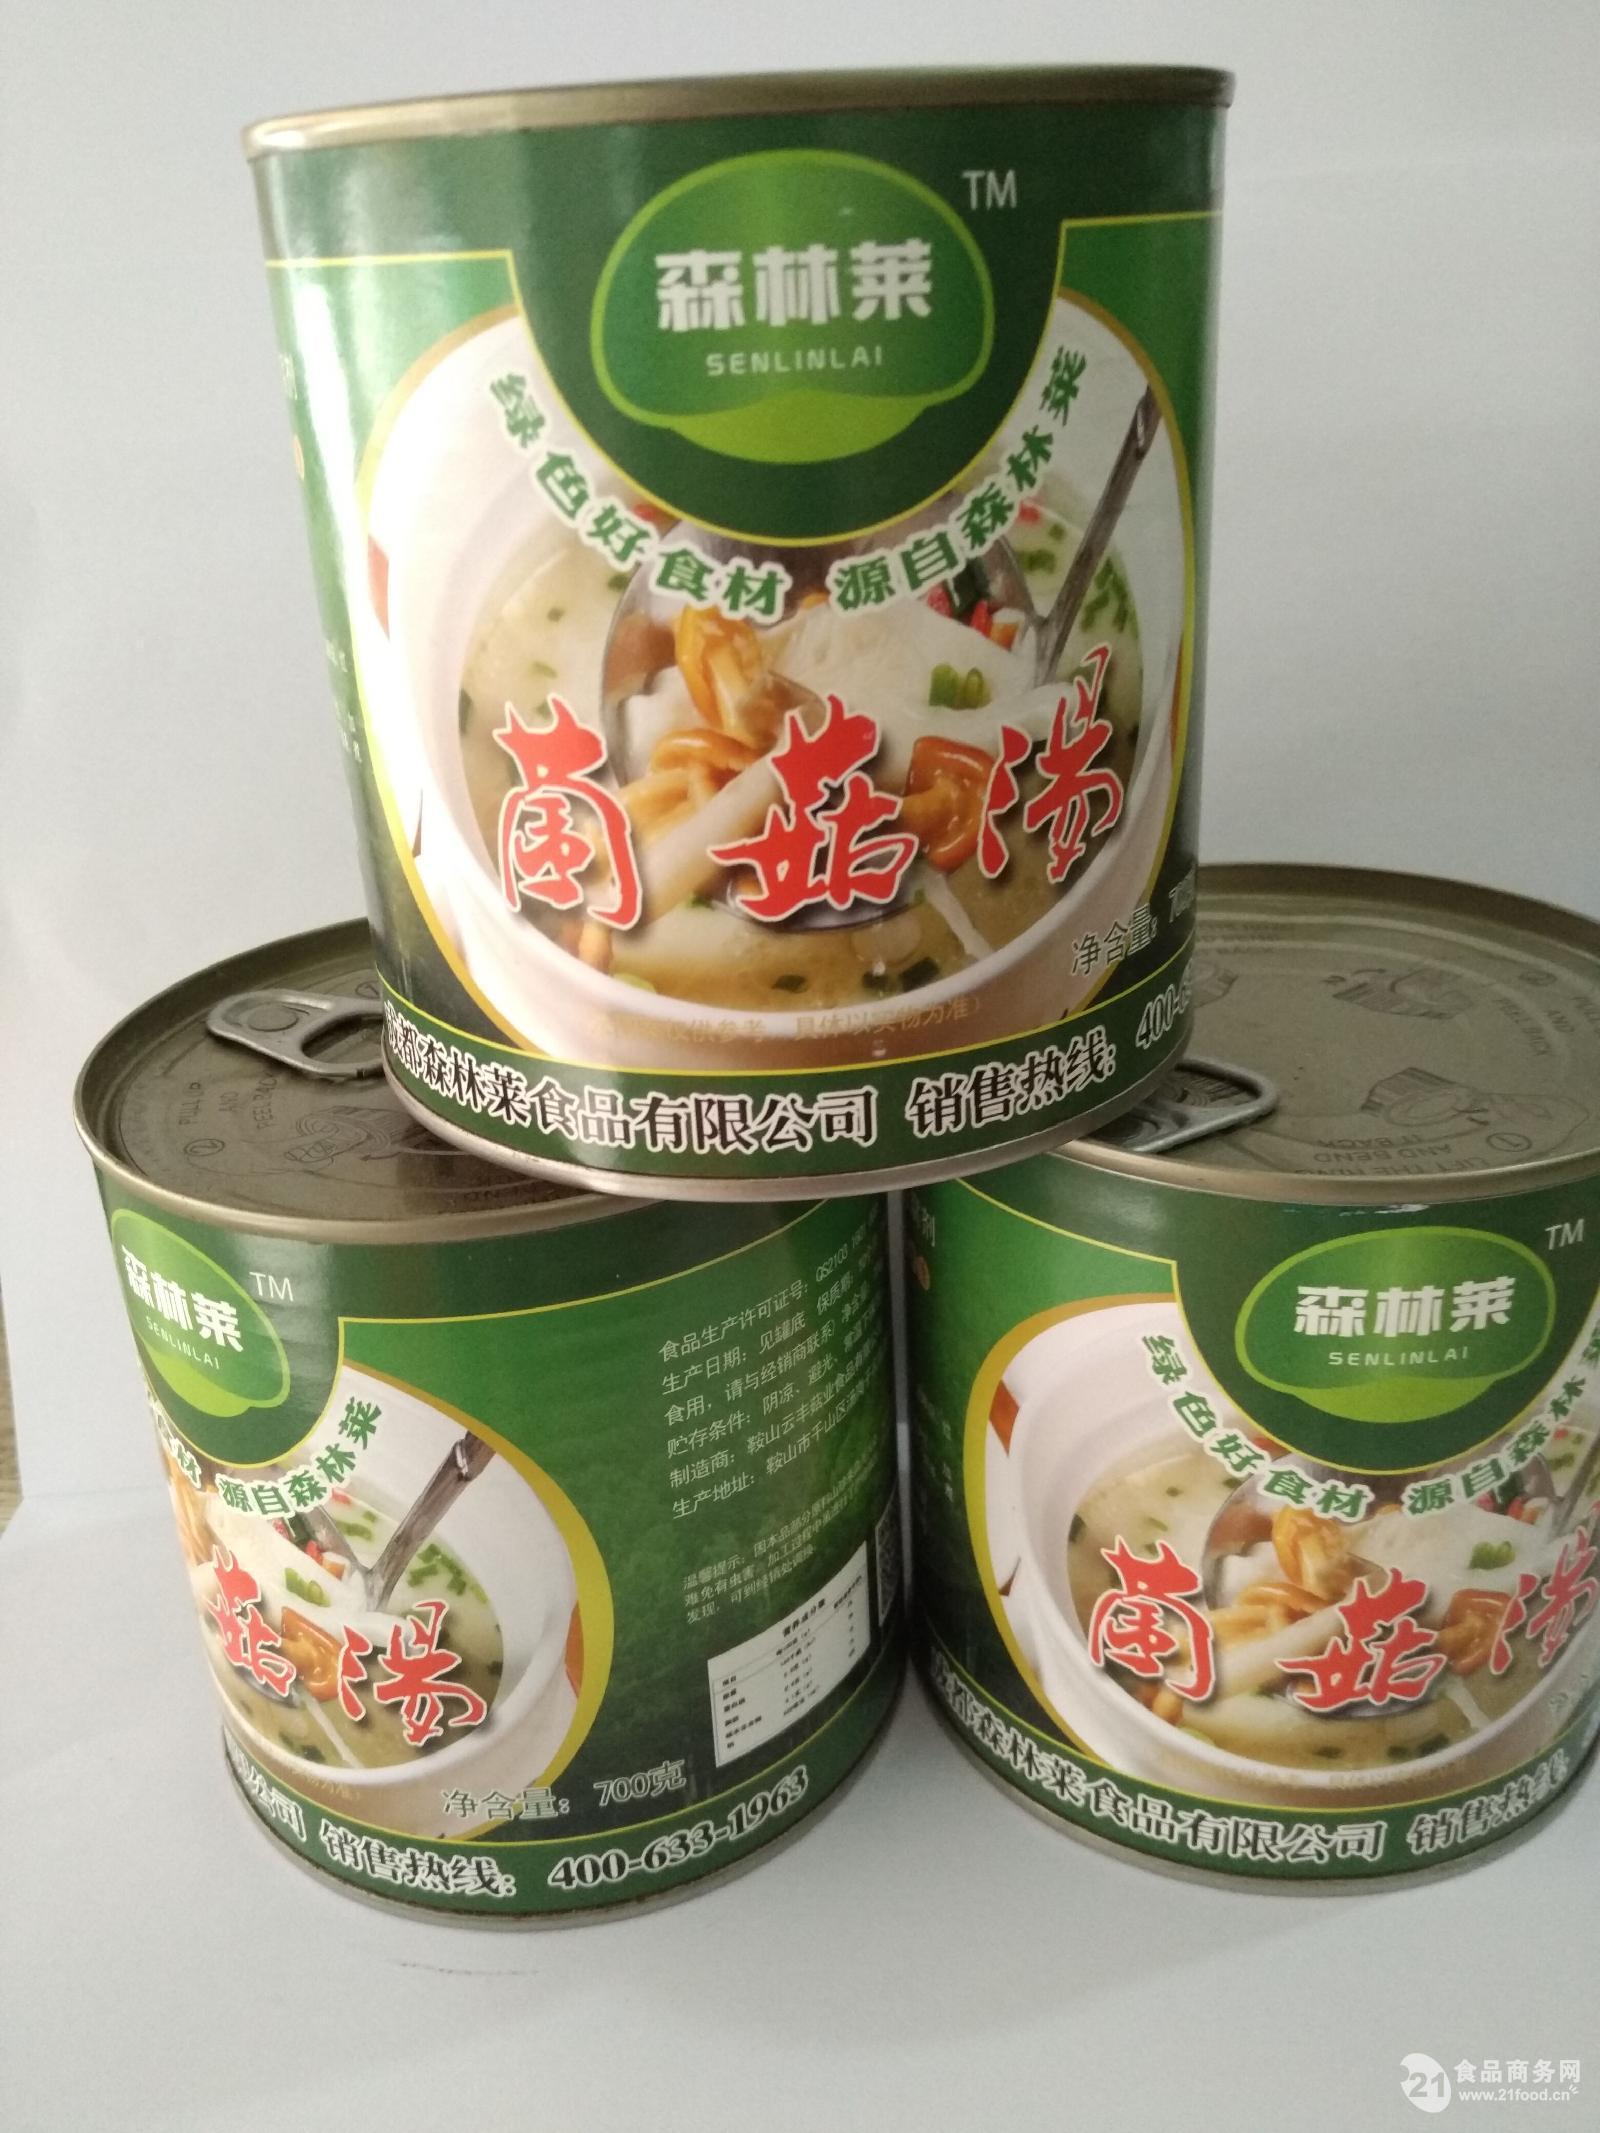 森林莱菌菇汤 海底捞菌汤底料 菌汤